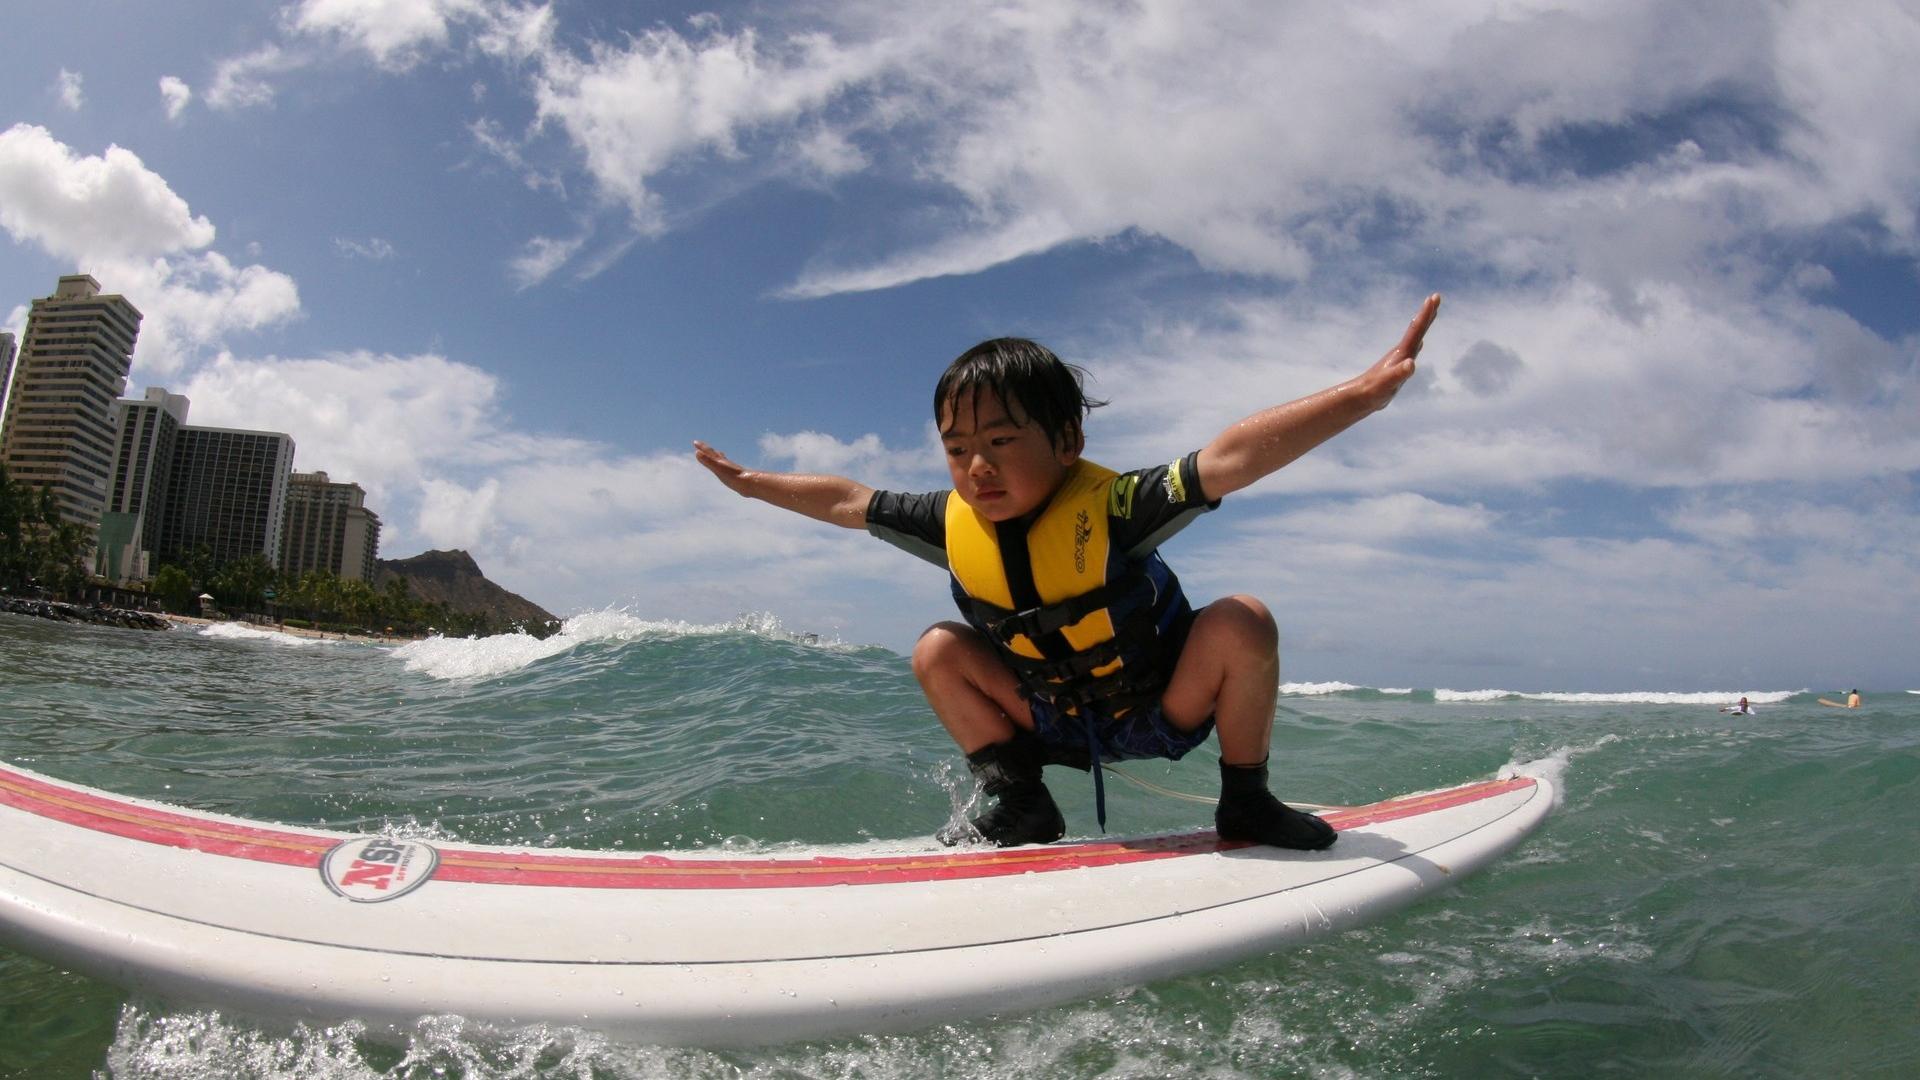 download wallpaper 1920x1080 surfing board coast child boy